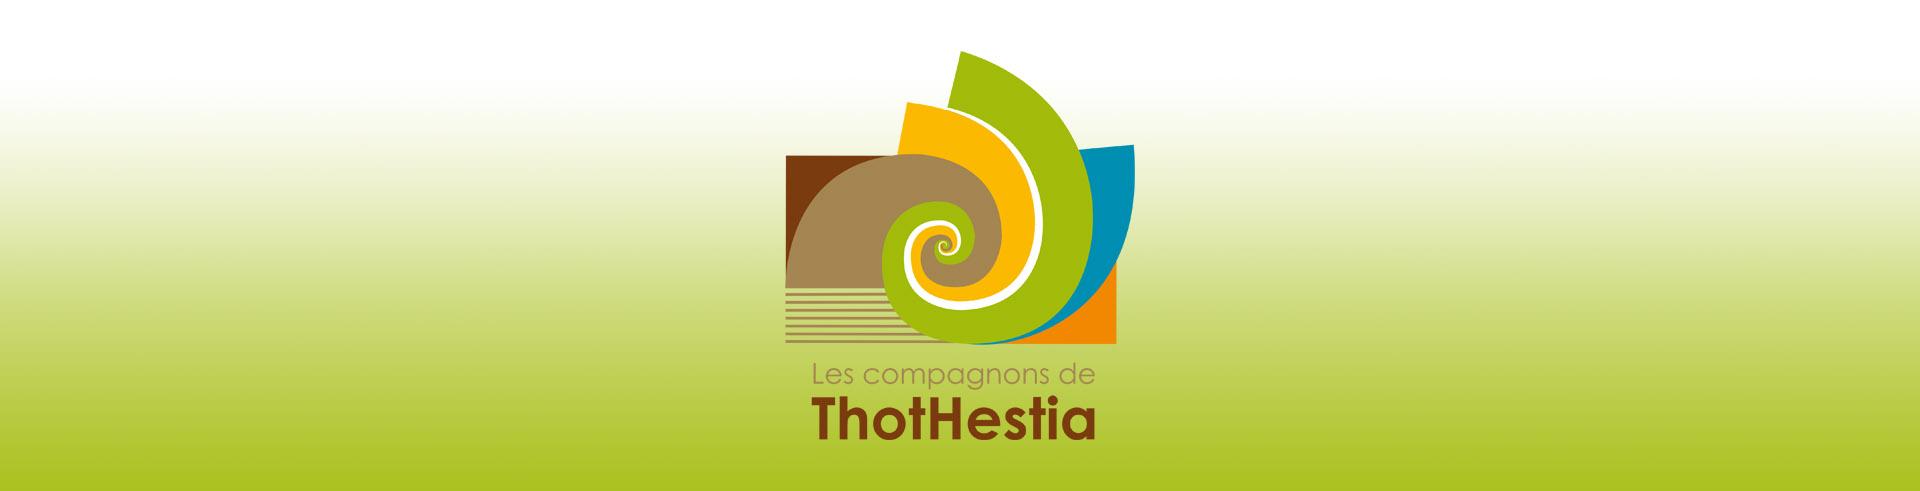 Thothestia Allier